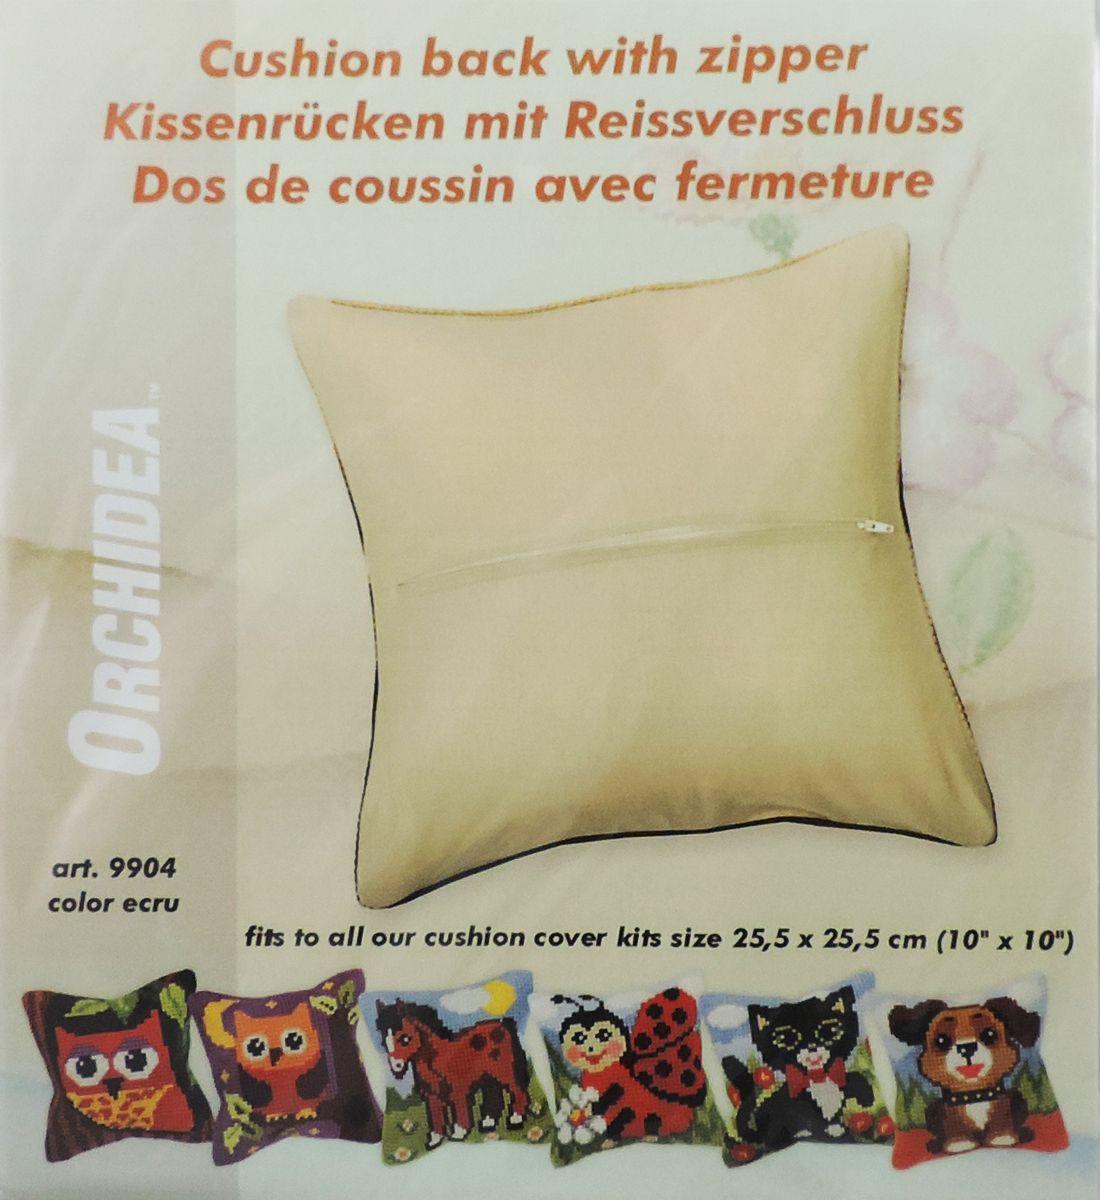 Обратная сторона подушки Orchidea, 28 х 28 см, цвет: бежевый9904Обратная сторона подушки с уже вшитой молнией. Идеальна для подушек размером 25,5х25,5 см. В центре вшит замок-молния, вам останется только пришить ее к декоративной части подушки. Состав: 100% хлопок